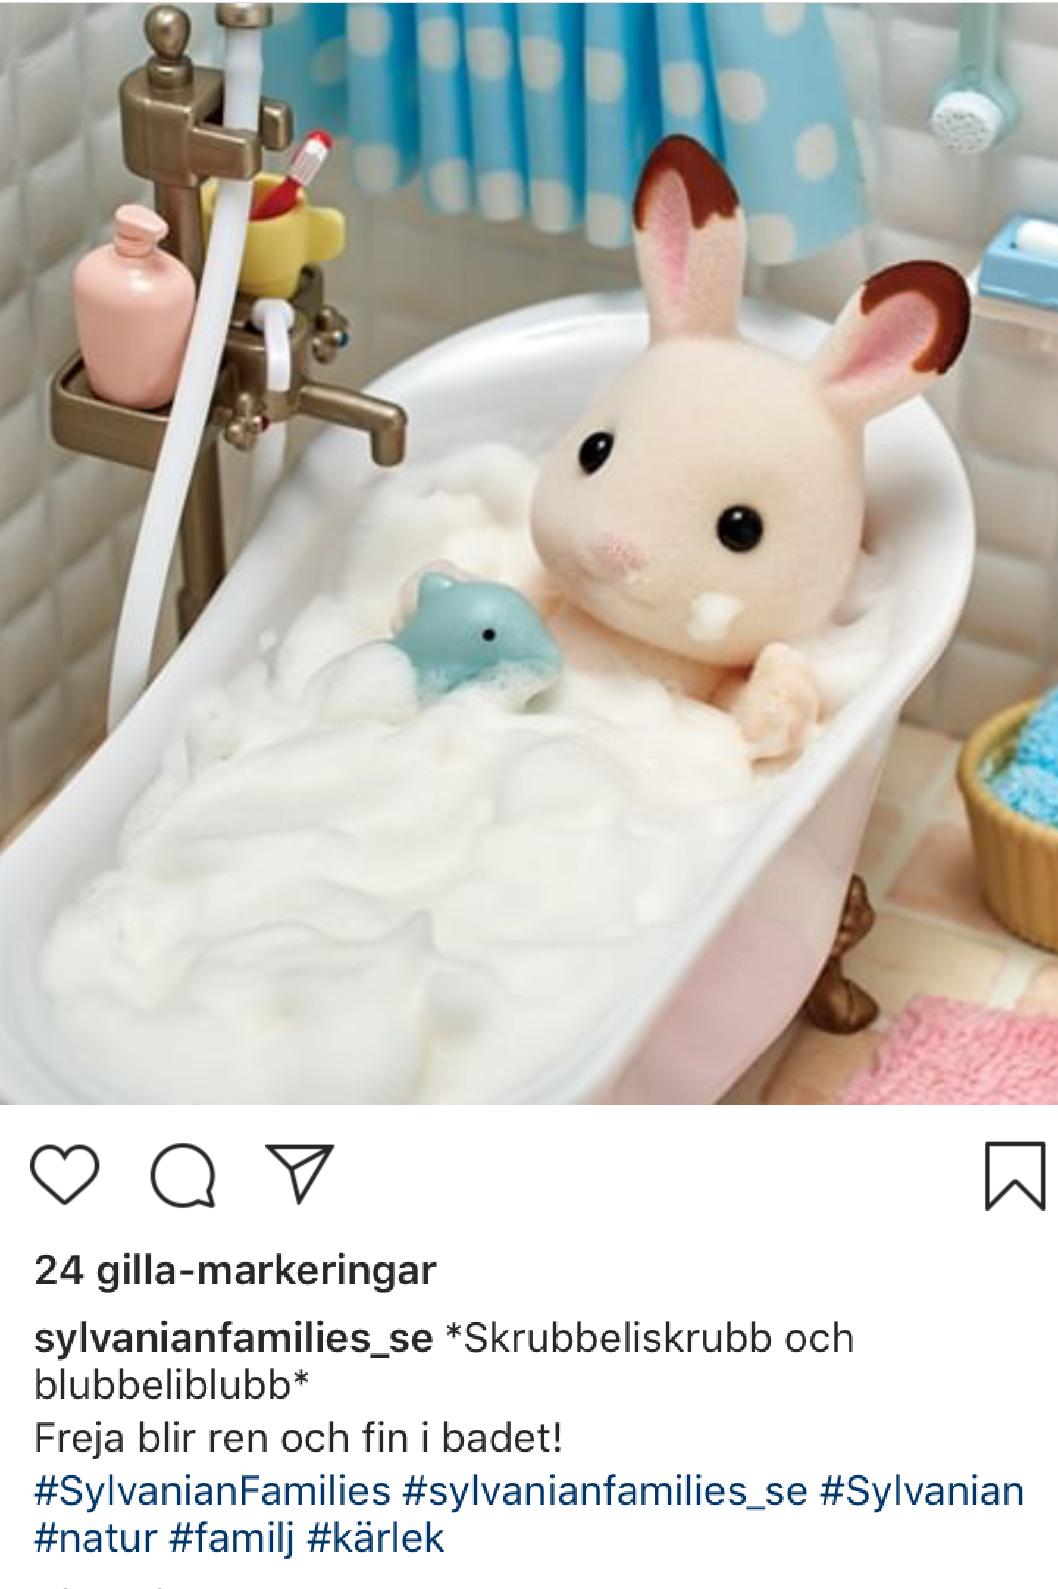 Svensk transkreation av sylvanian families instagraminlägg